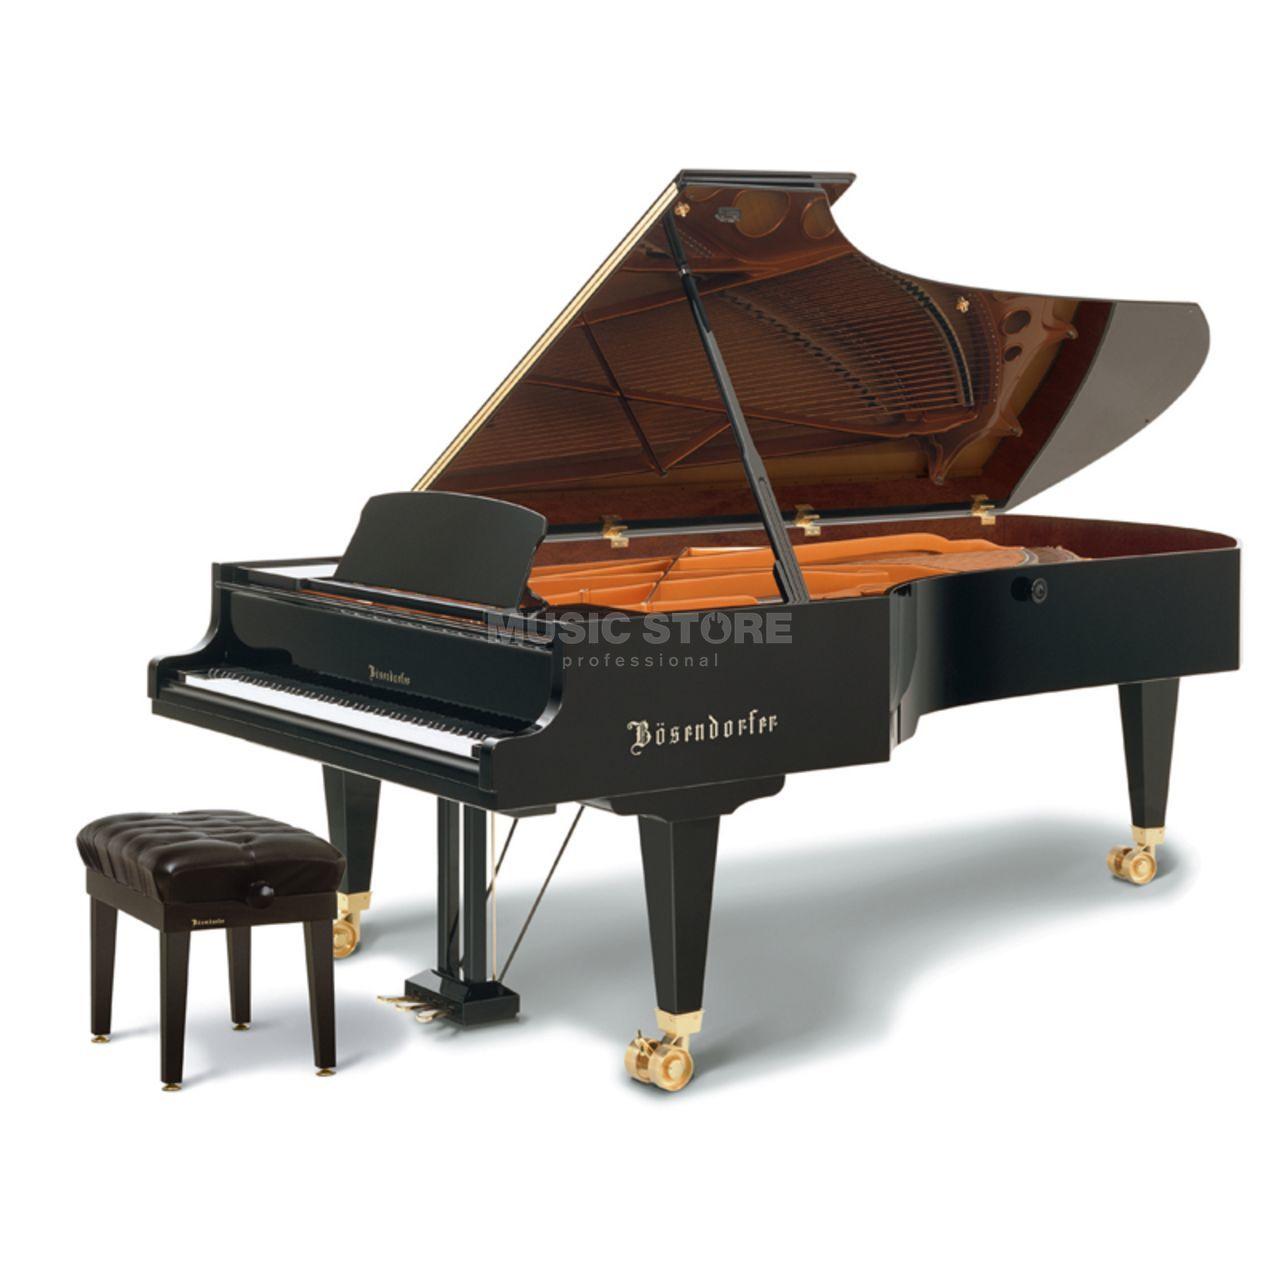 B sendorfer piano de cola modell 290 imperial negro pulido - Costo ascensore interno 1 piano ...